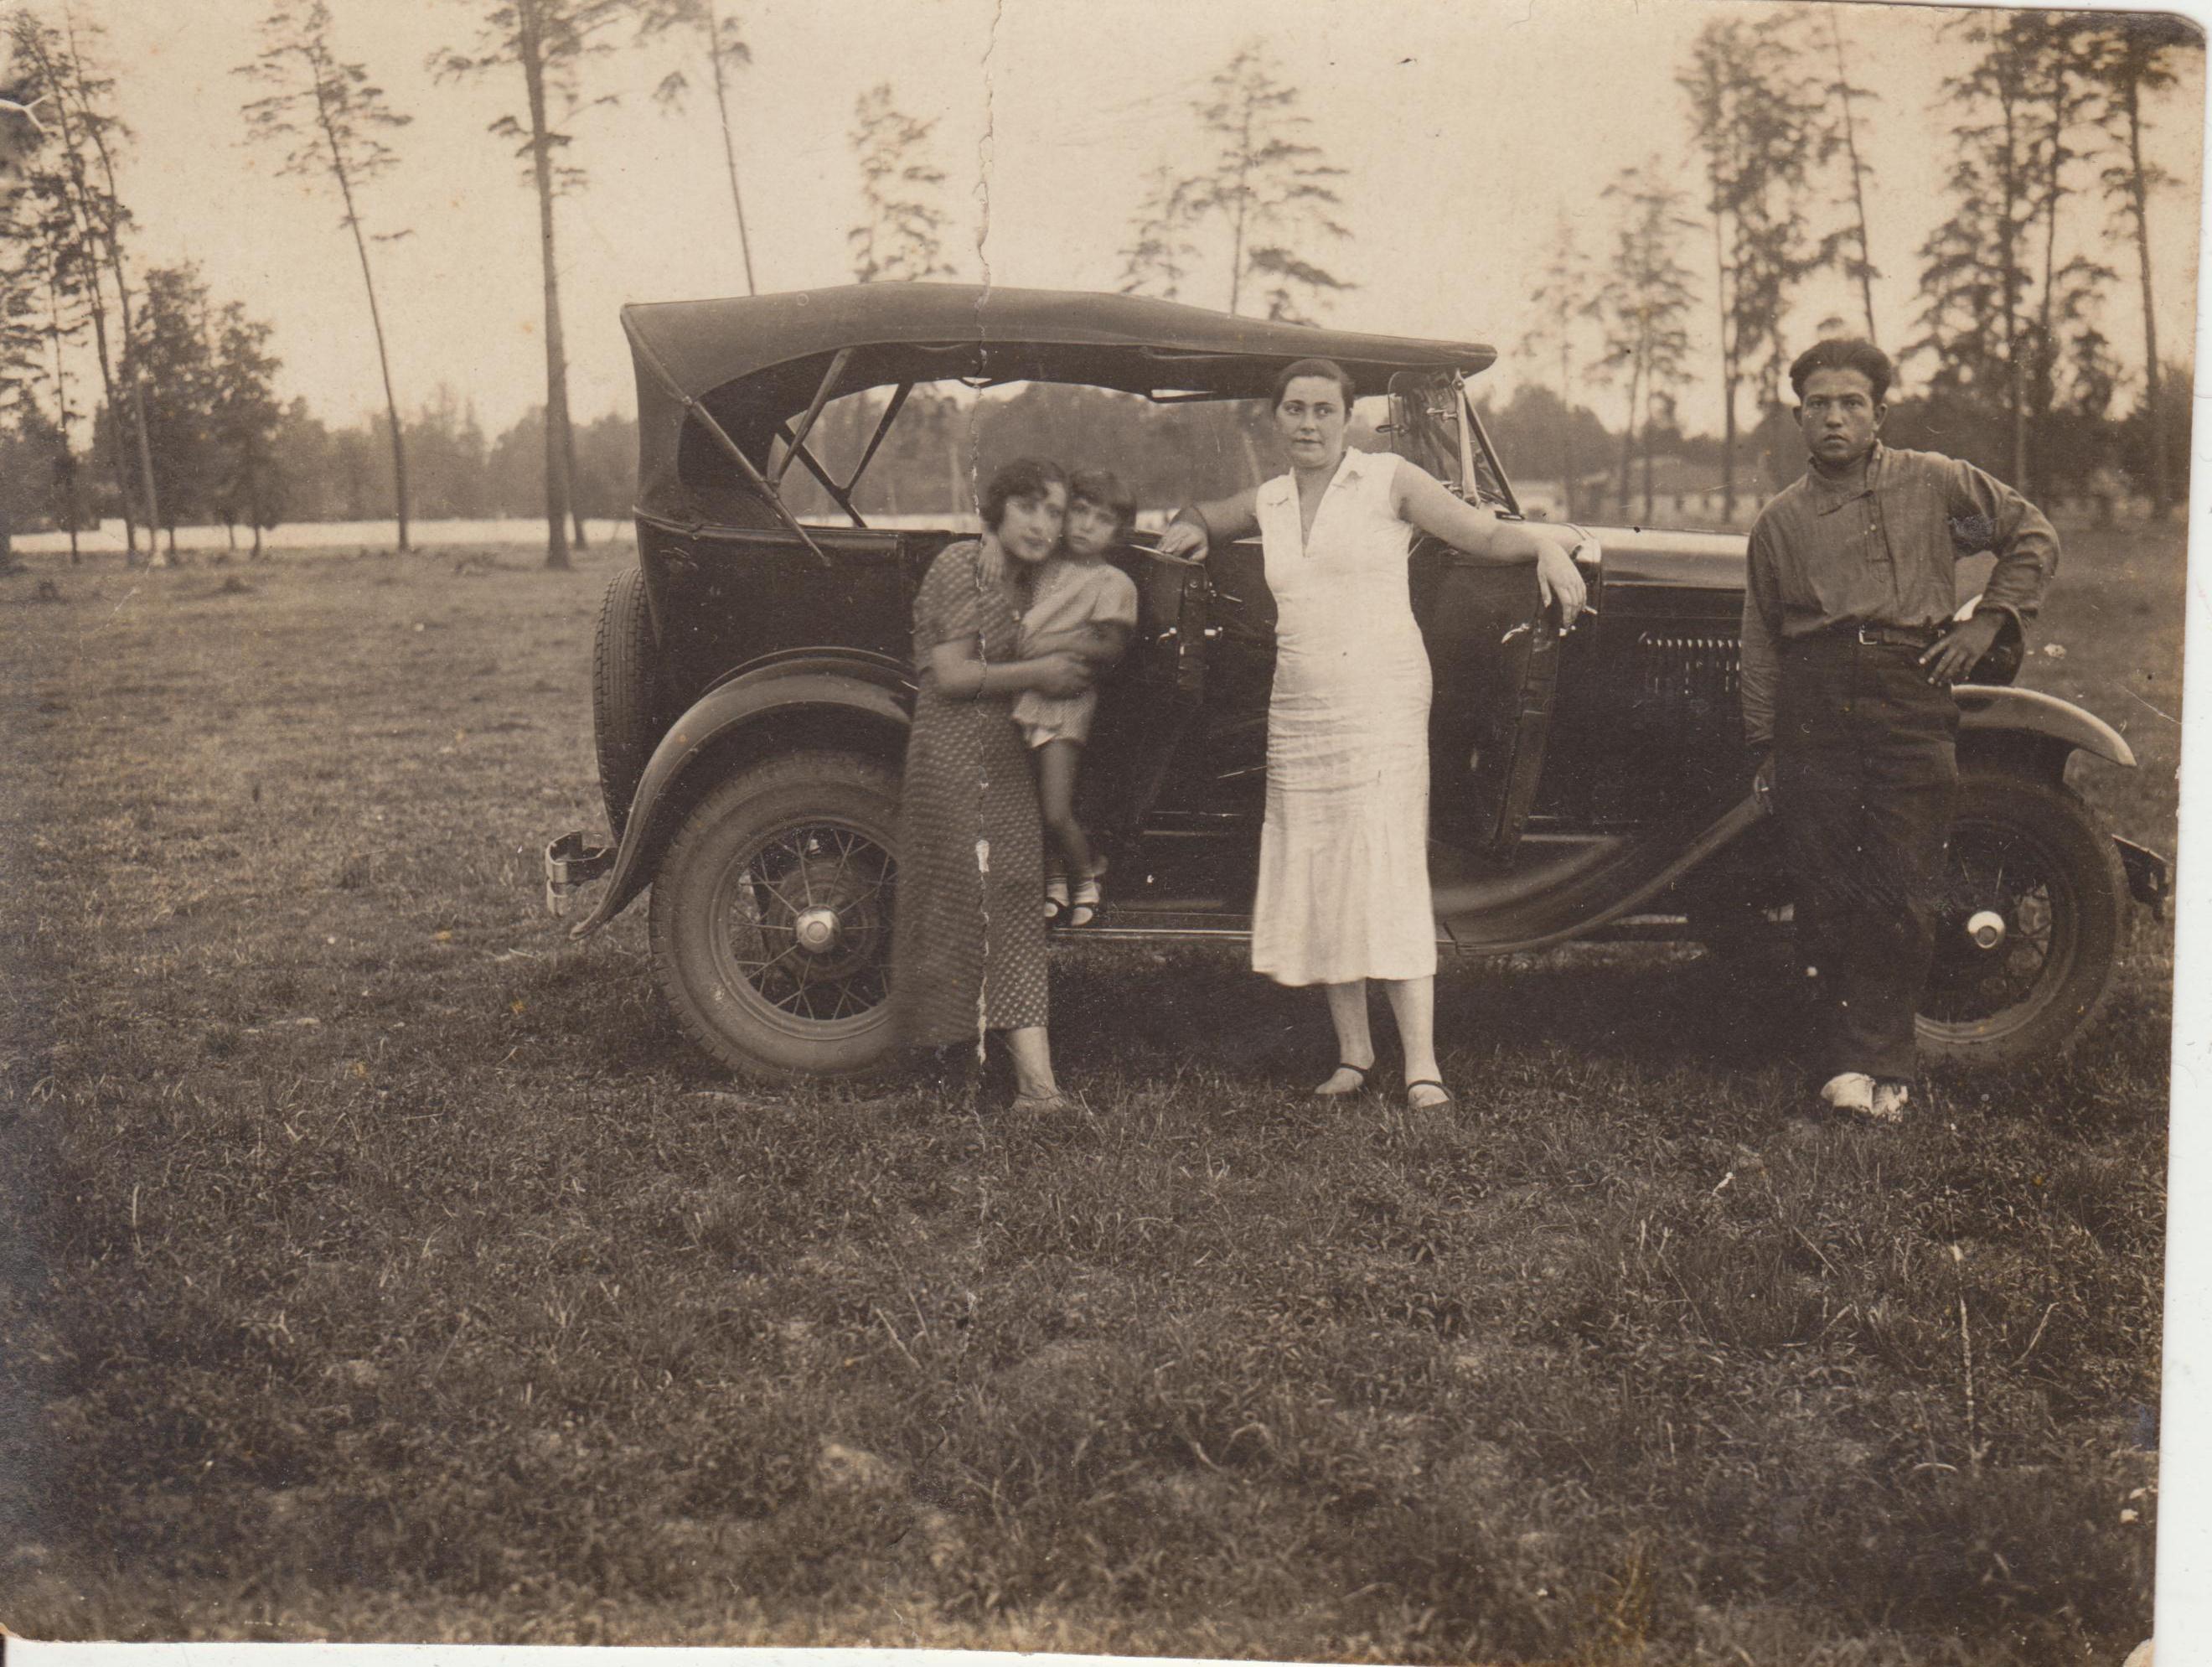 это ГАЗ-А, автомобиль, который я очень люблю. Фотография датирована августом 1936 года